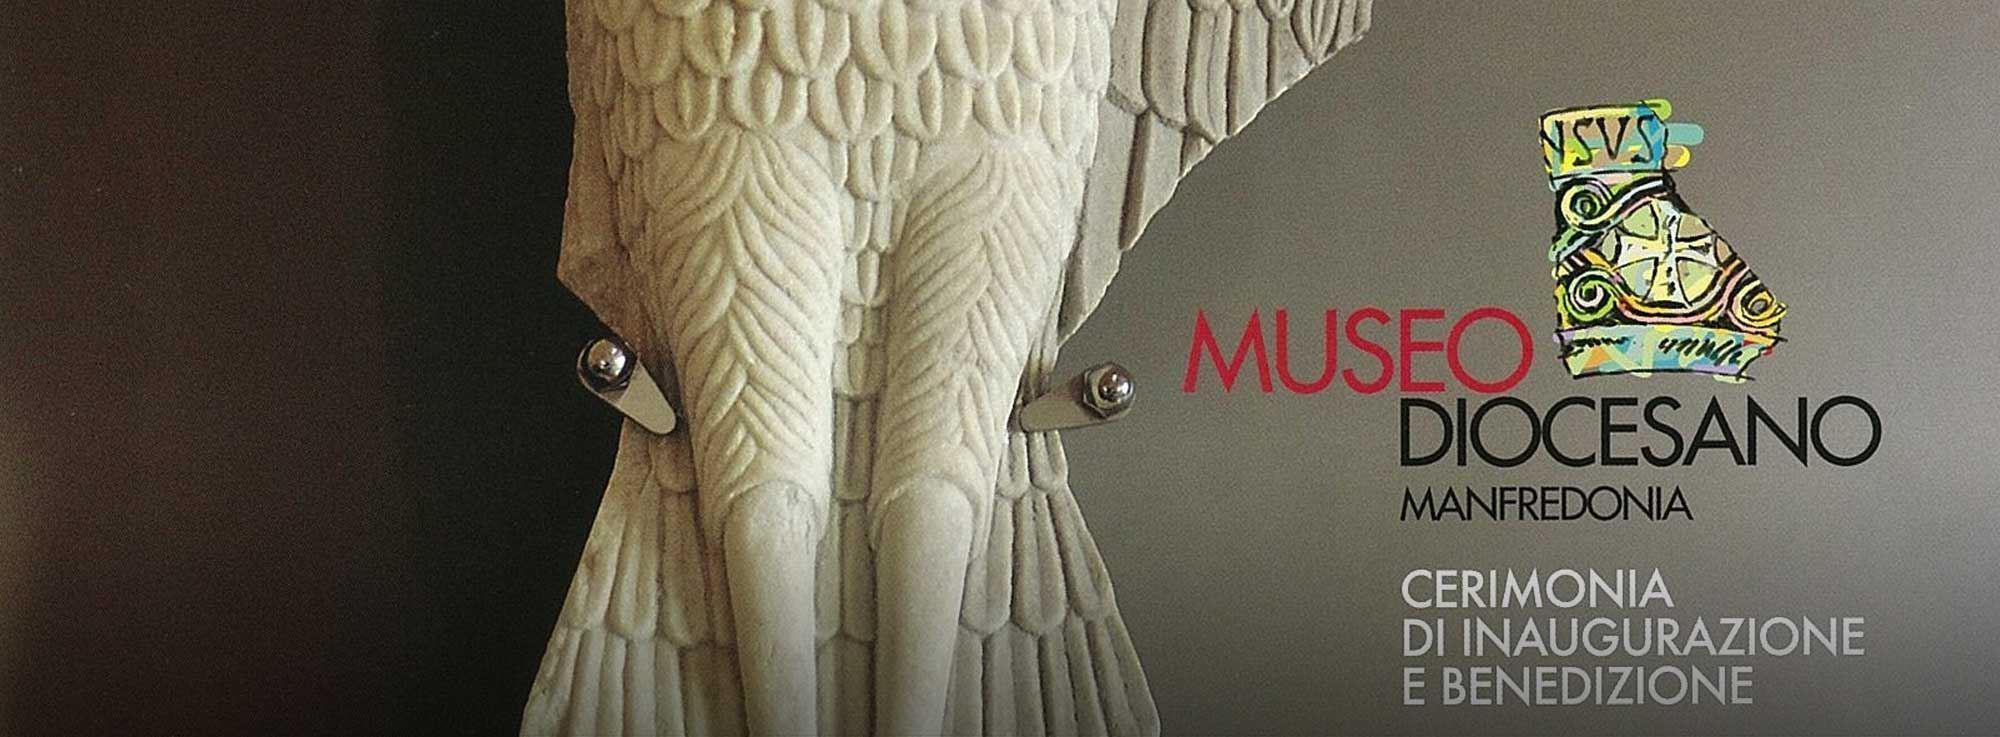 Manfredonia: Inaugurazione Museo Diocesano